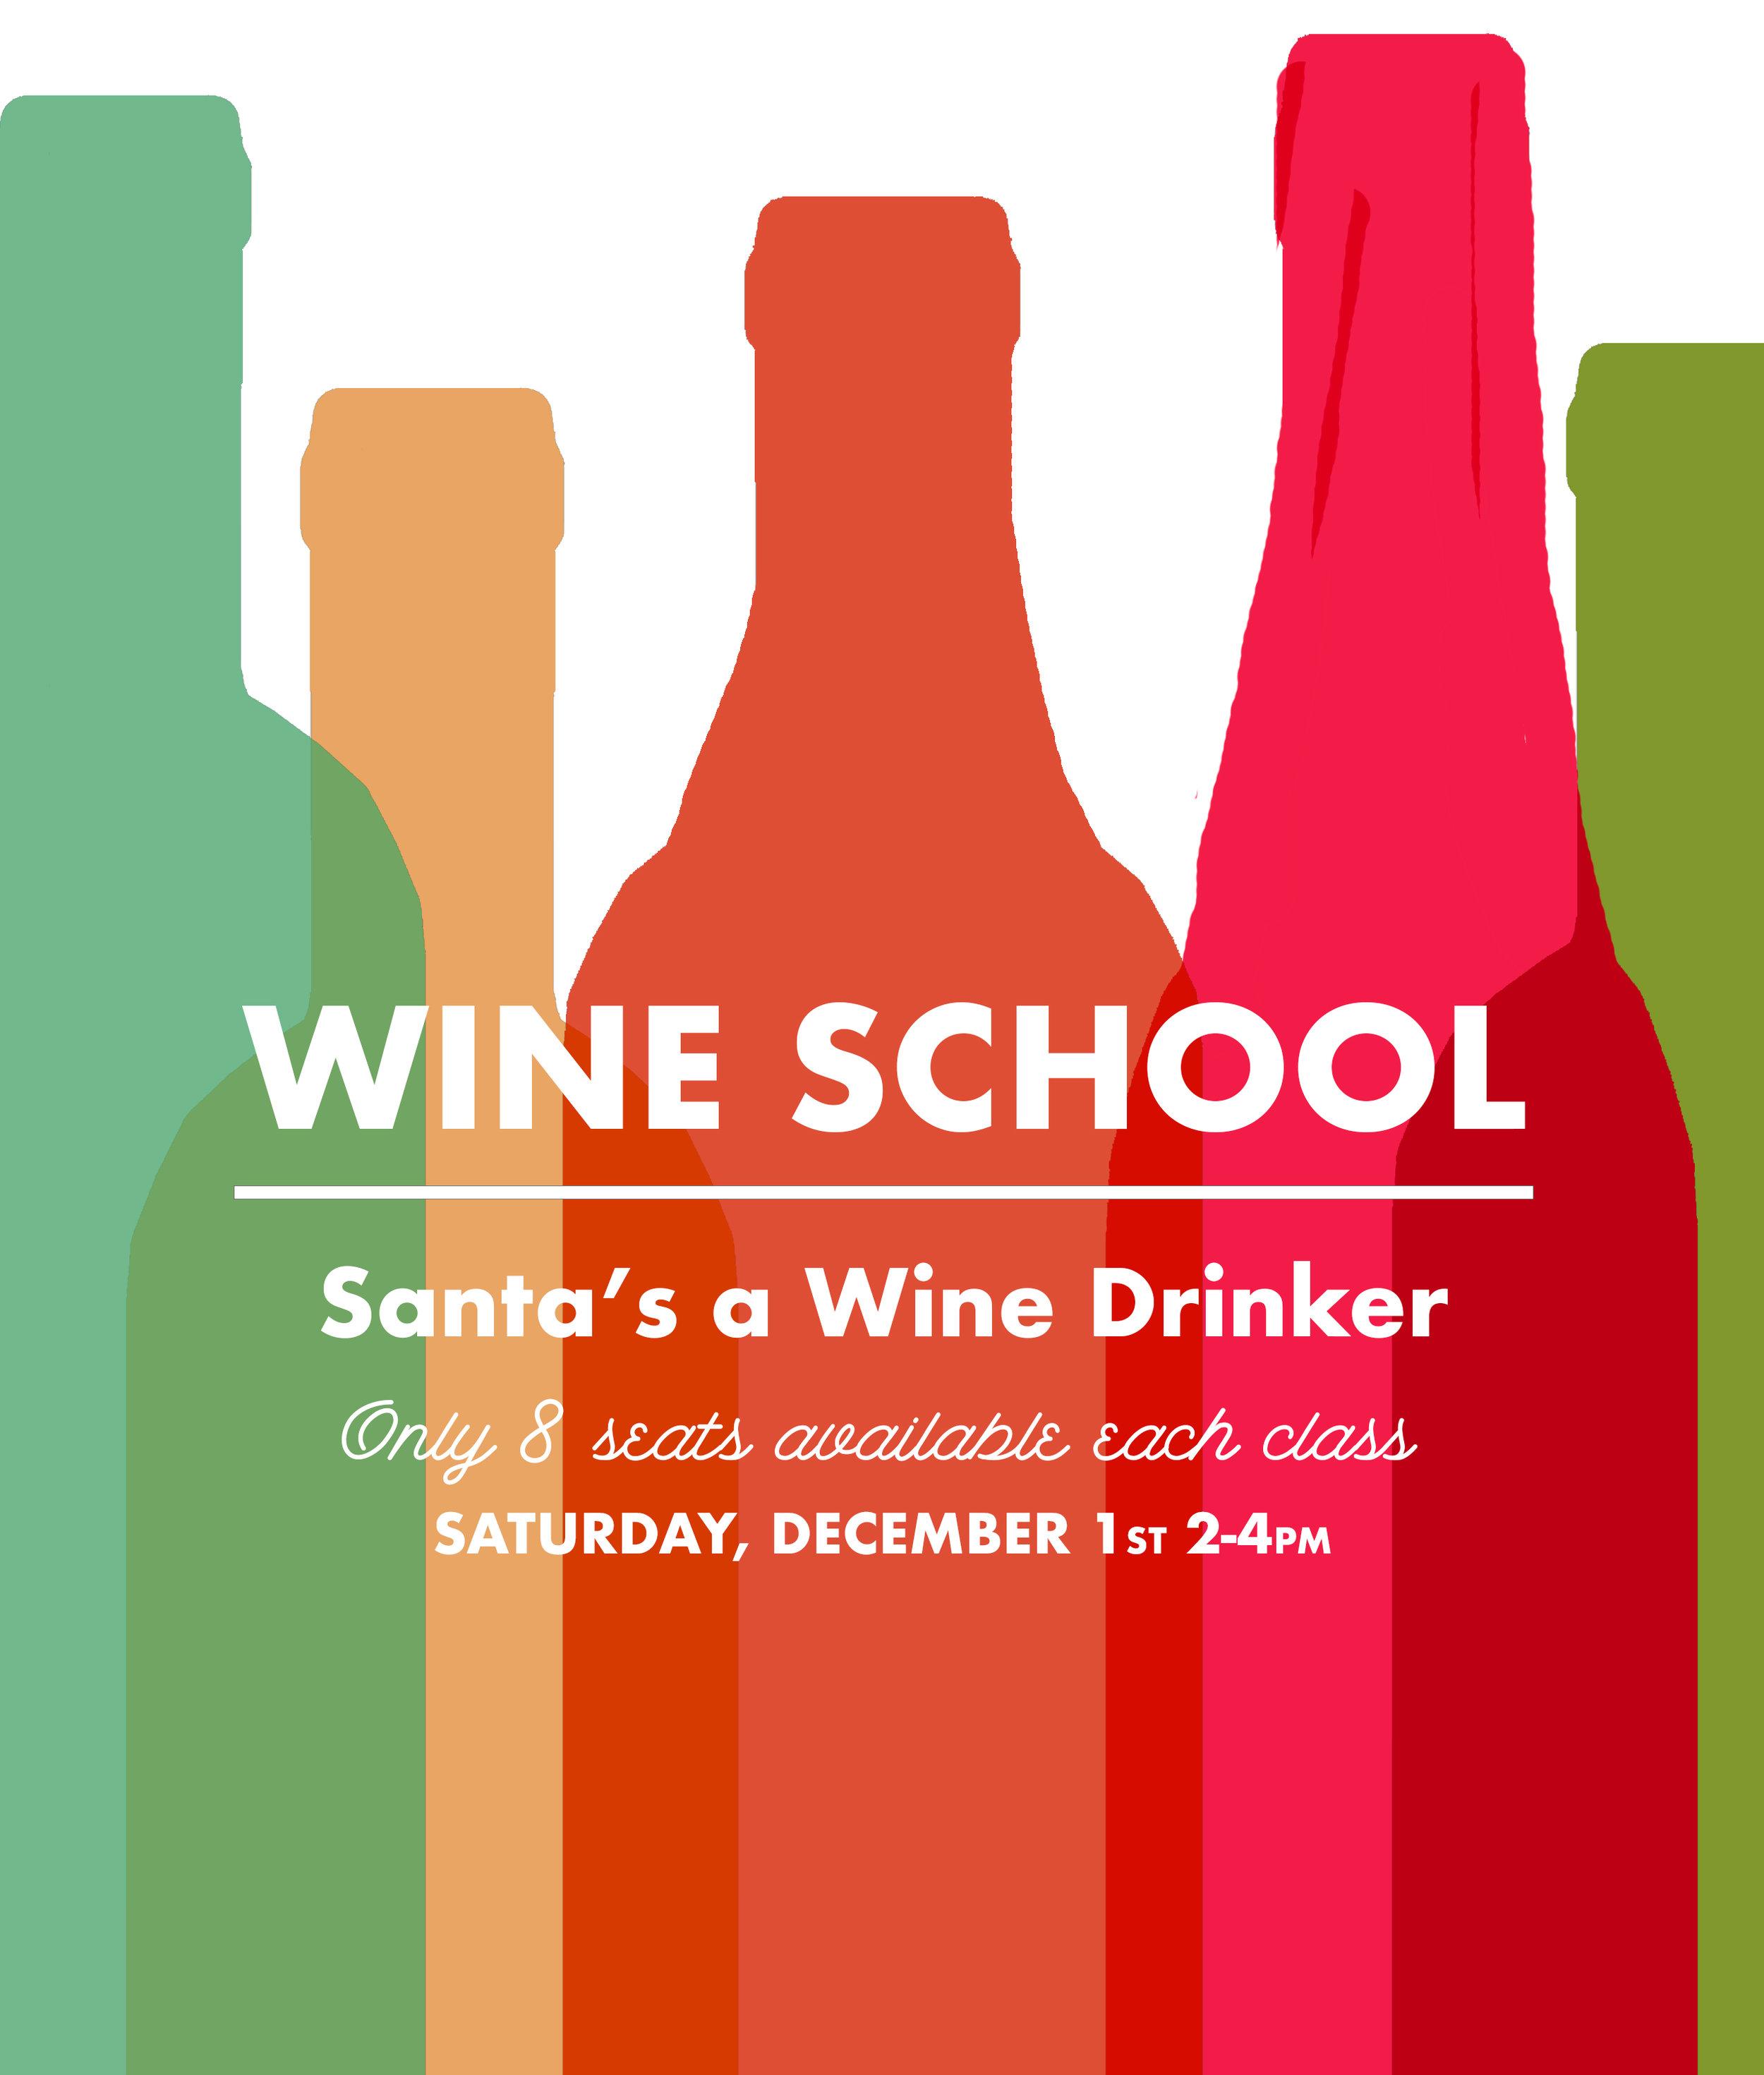 WINE SCHOOL Santa.jpg